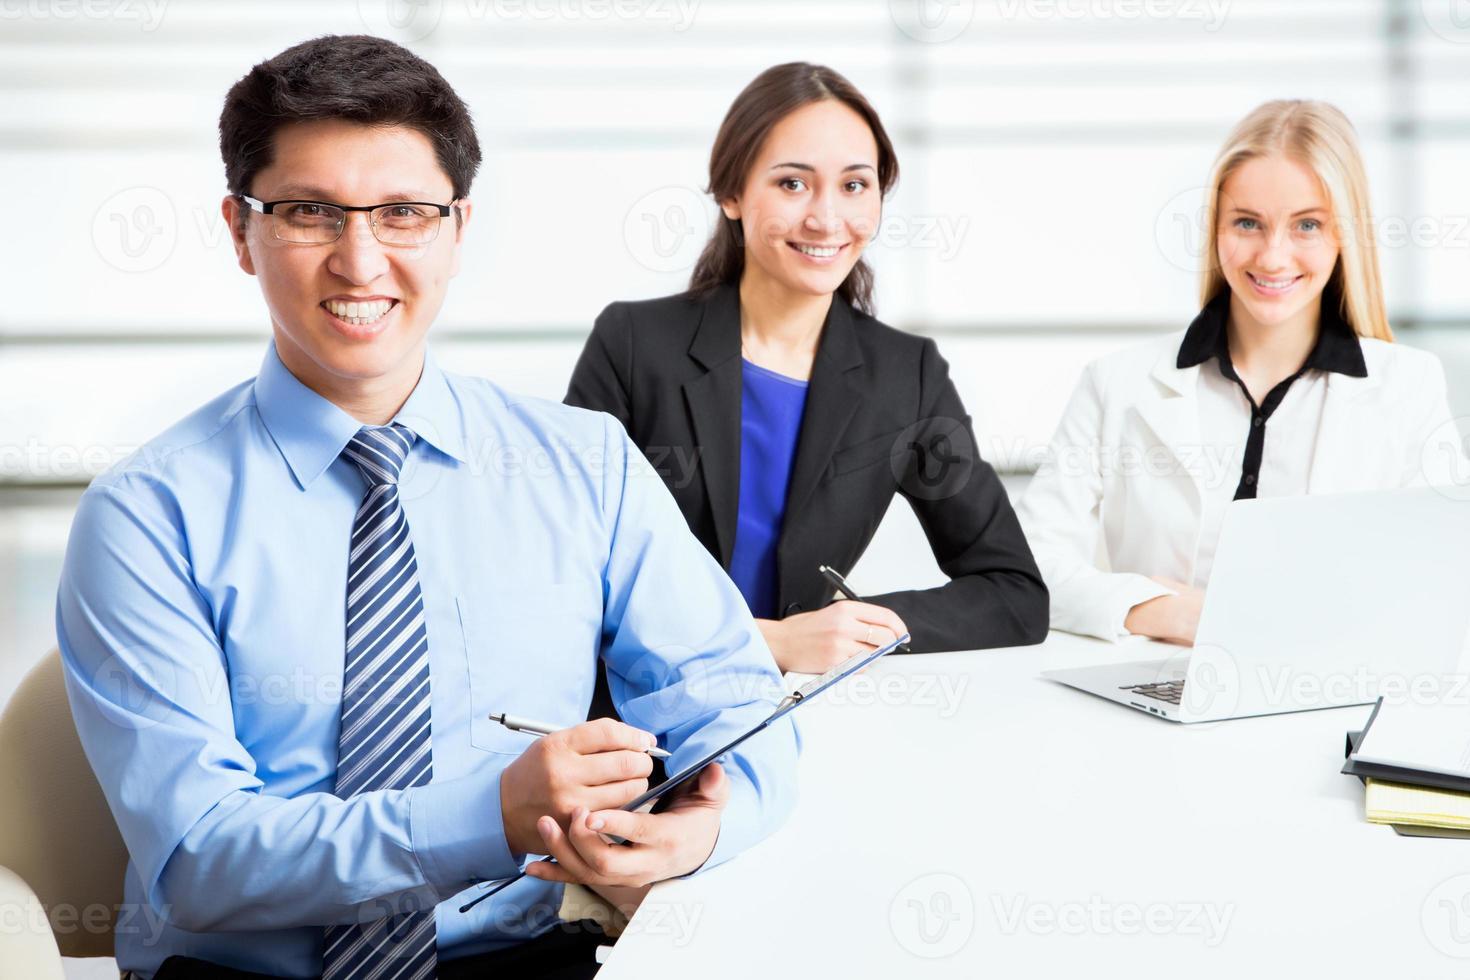 grupo de pessoas de negócios foto